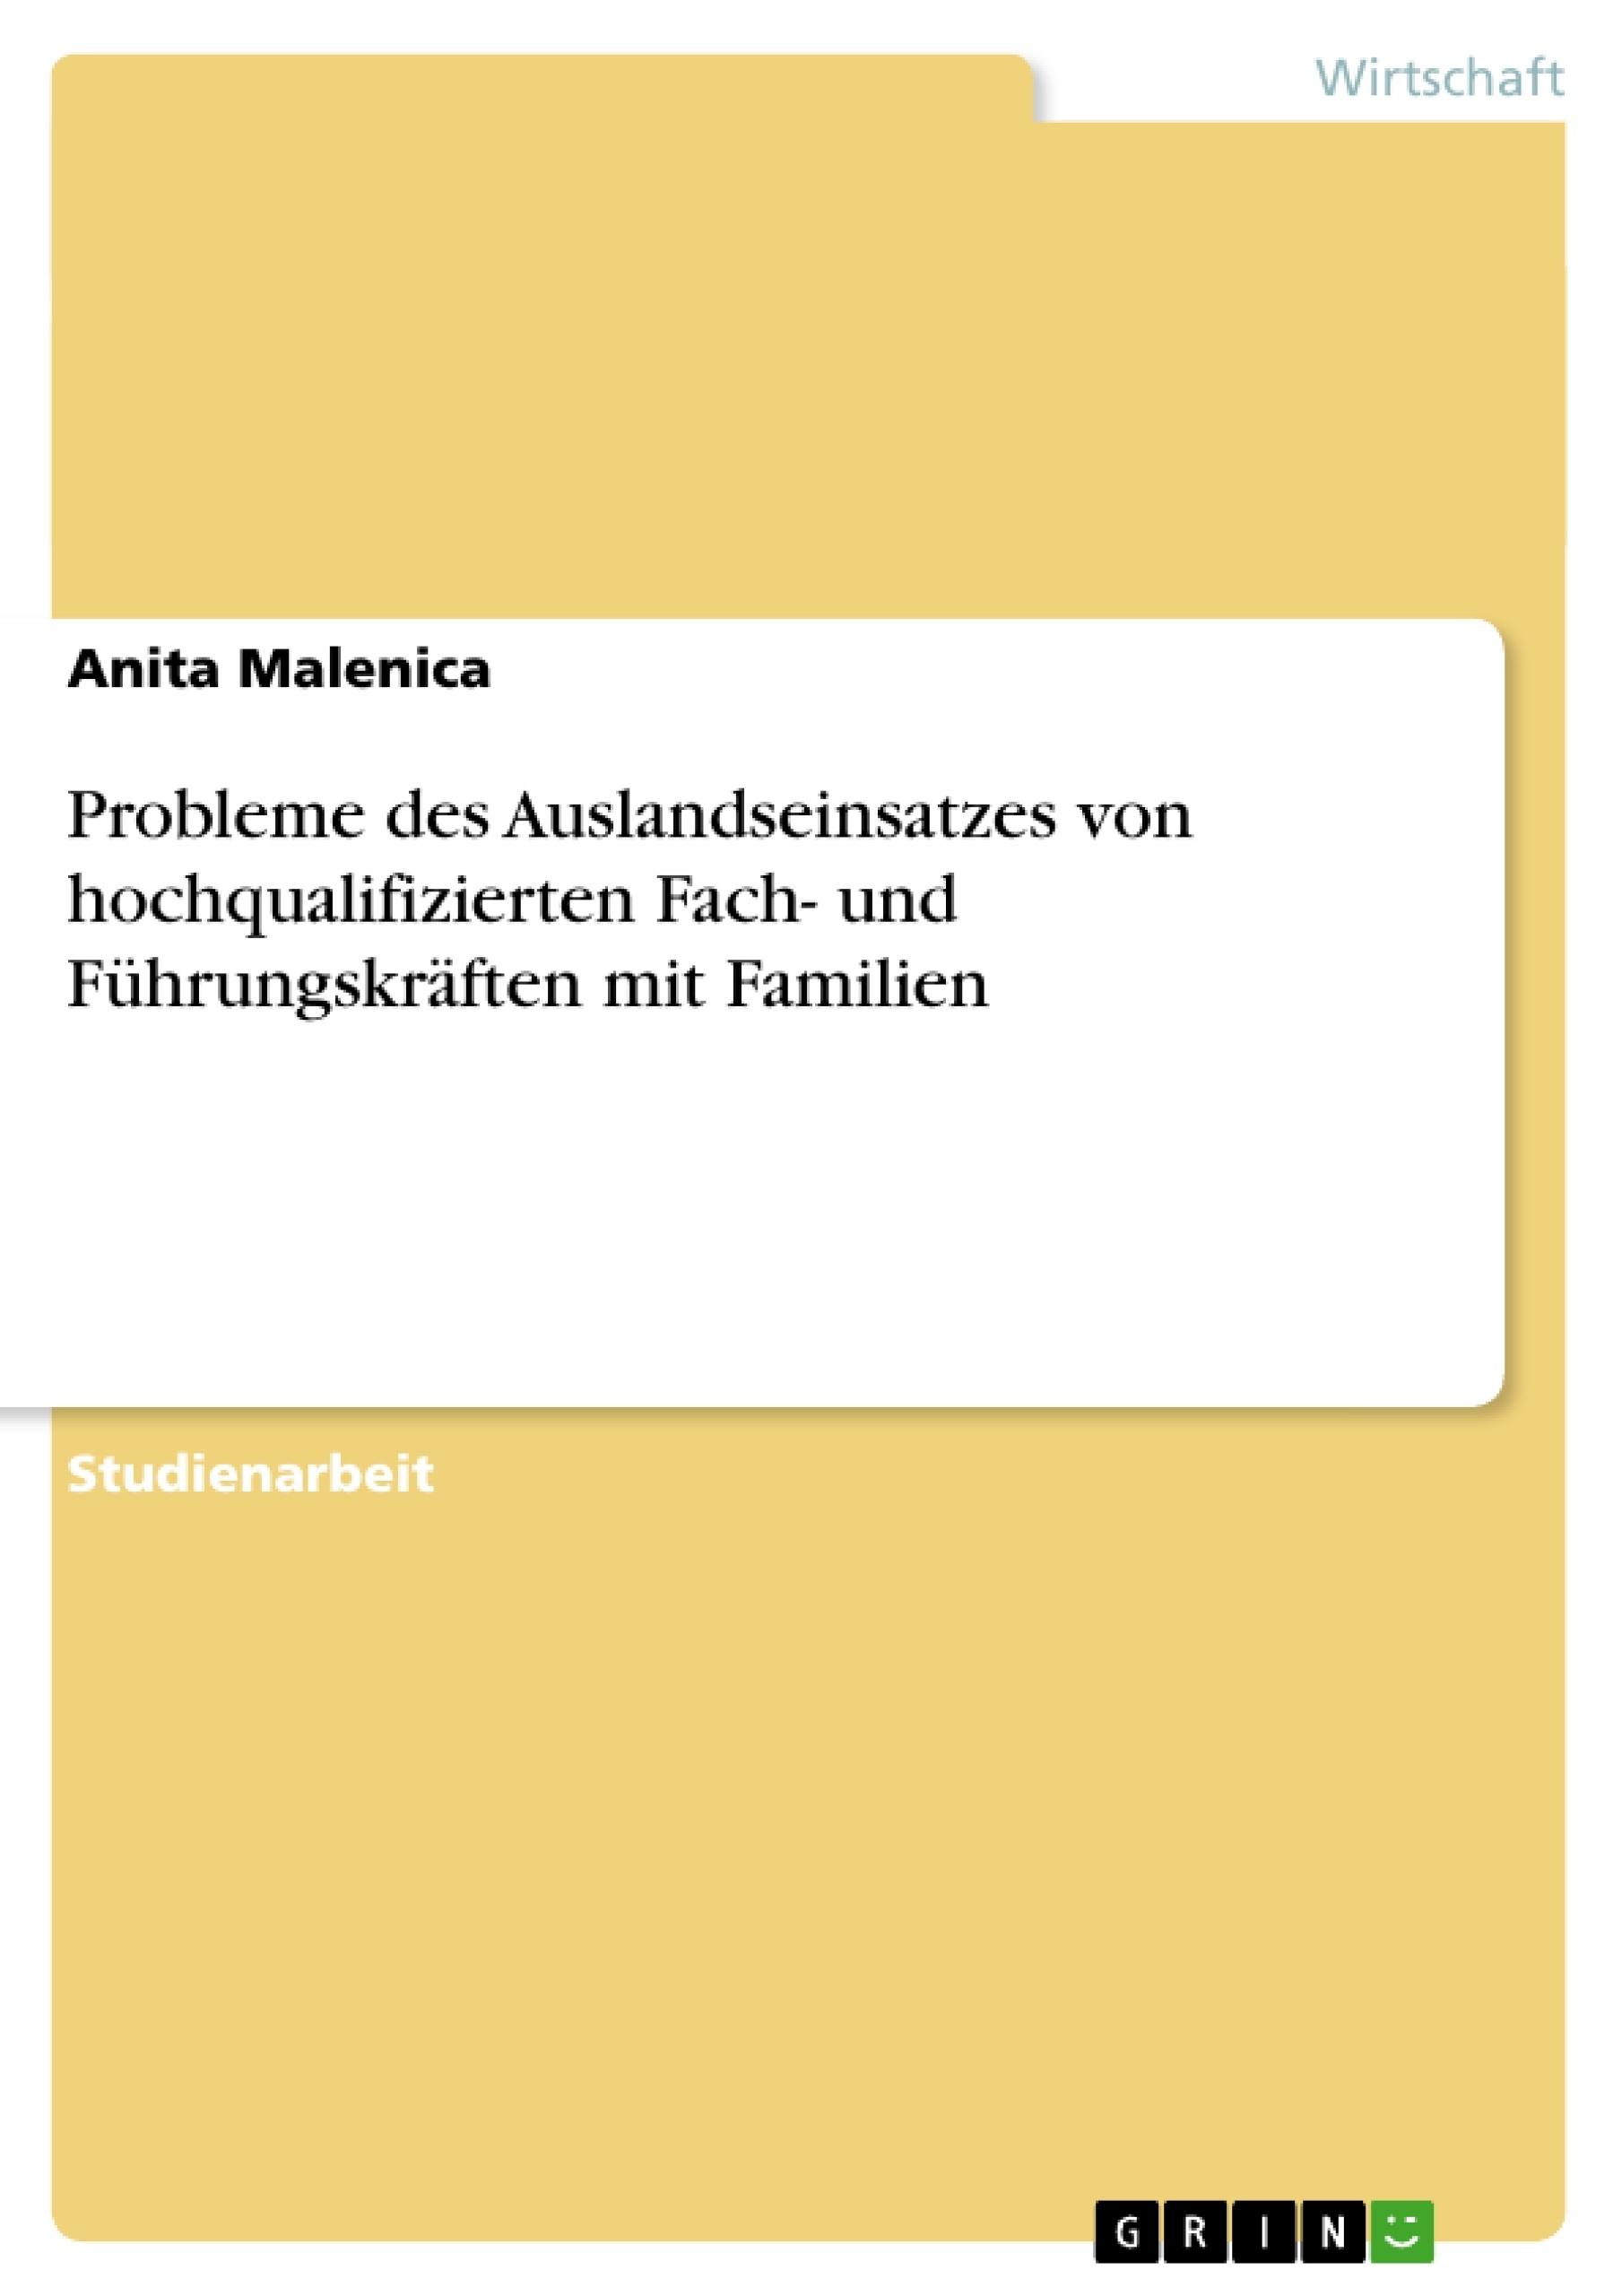 Titel: Probleme des Auslandseinsatzes von hochqualifizierten Fach- und Führungskräften mit Familien